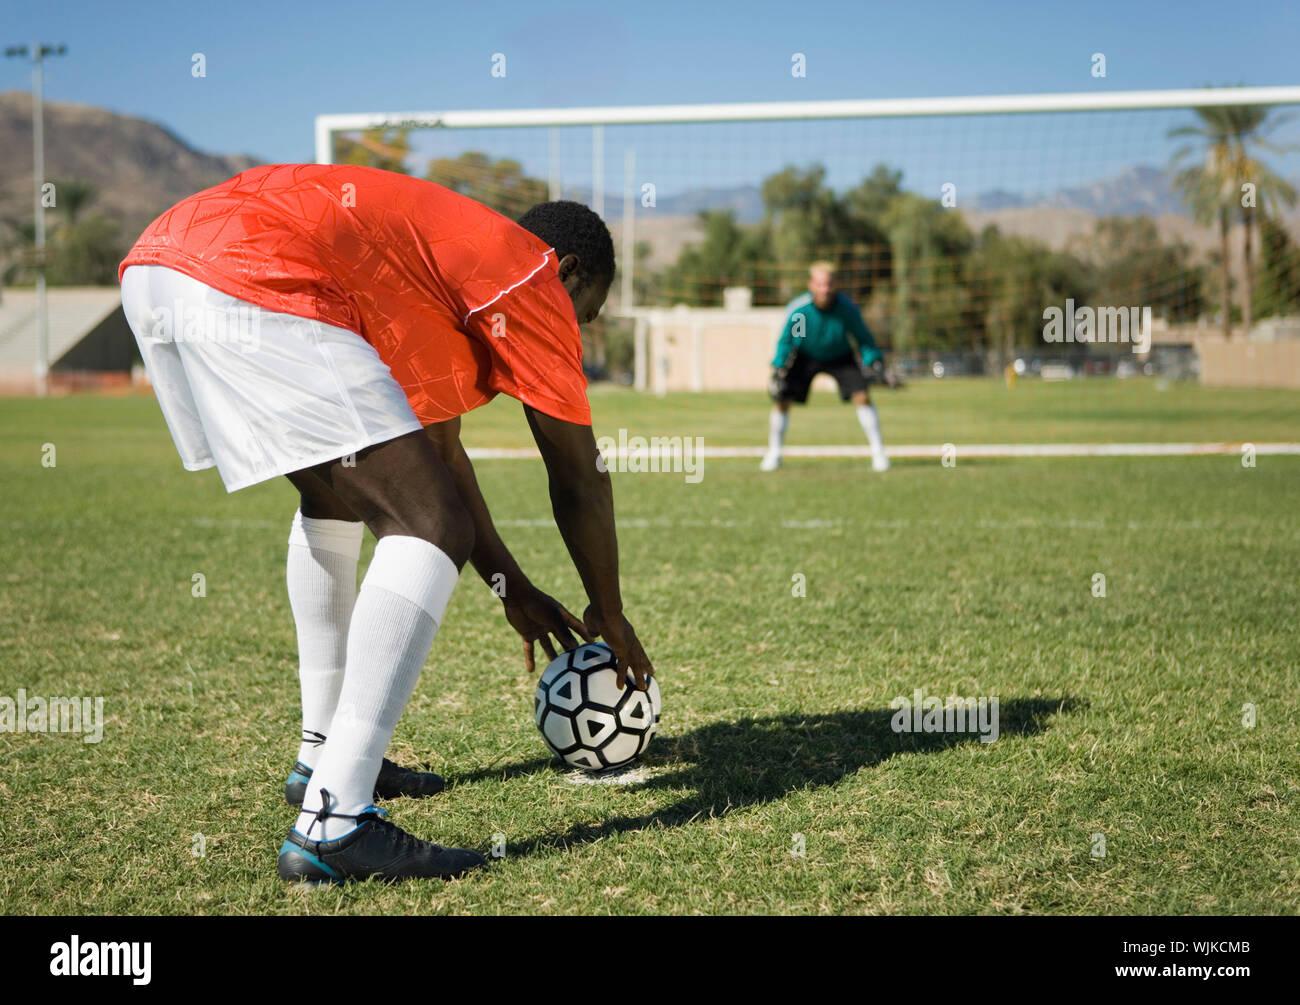 Fussball Spieler Der Vorbereitung Freistoss Stockfoto Bild